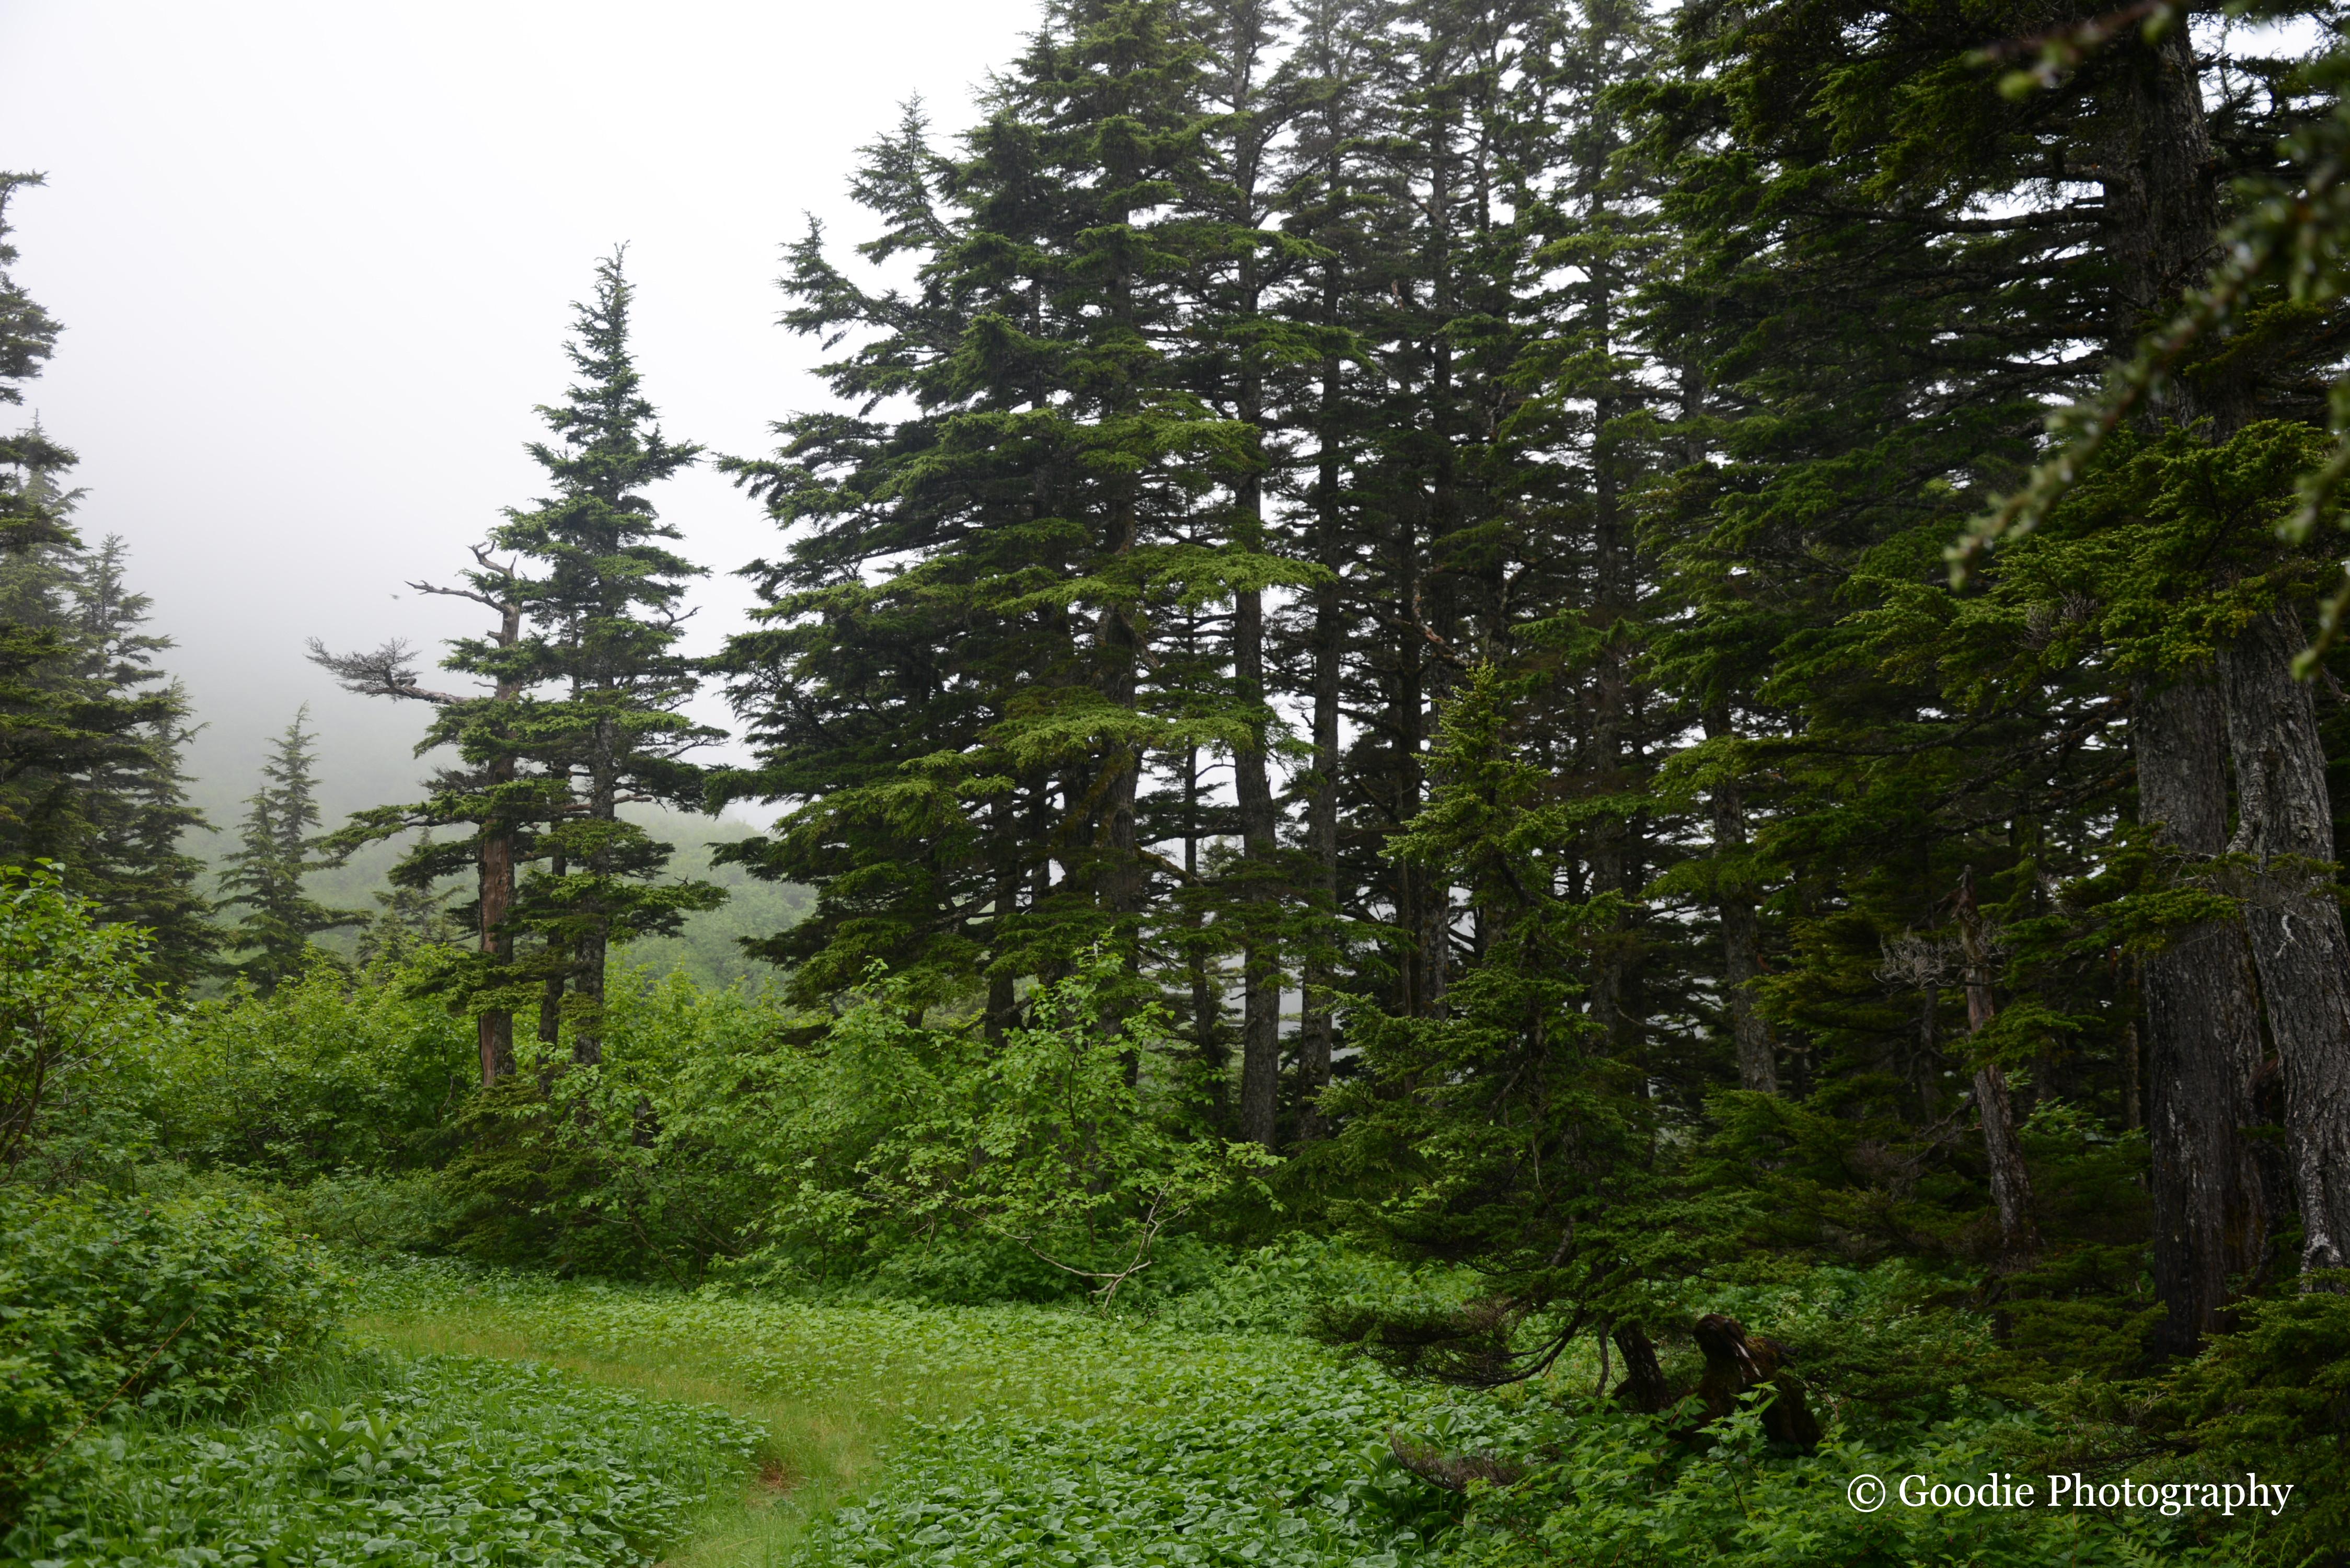 122677 скачать обои Лес, Деревья, Природа, Кусты, Сосны - заставки и картинки бесплатно